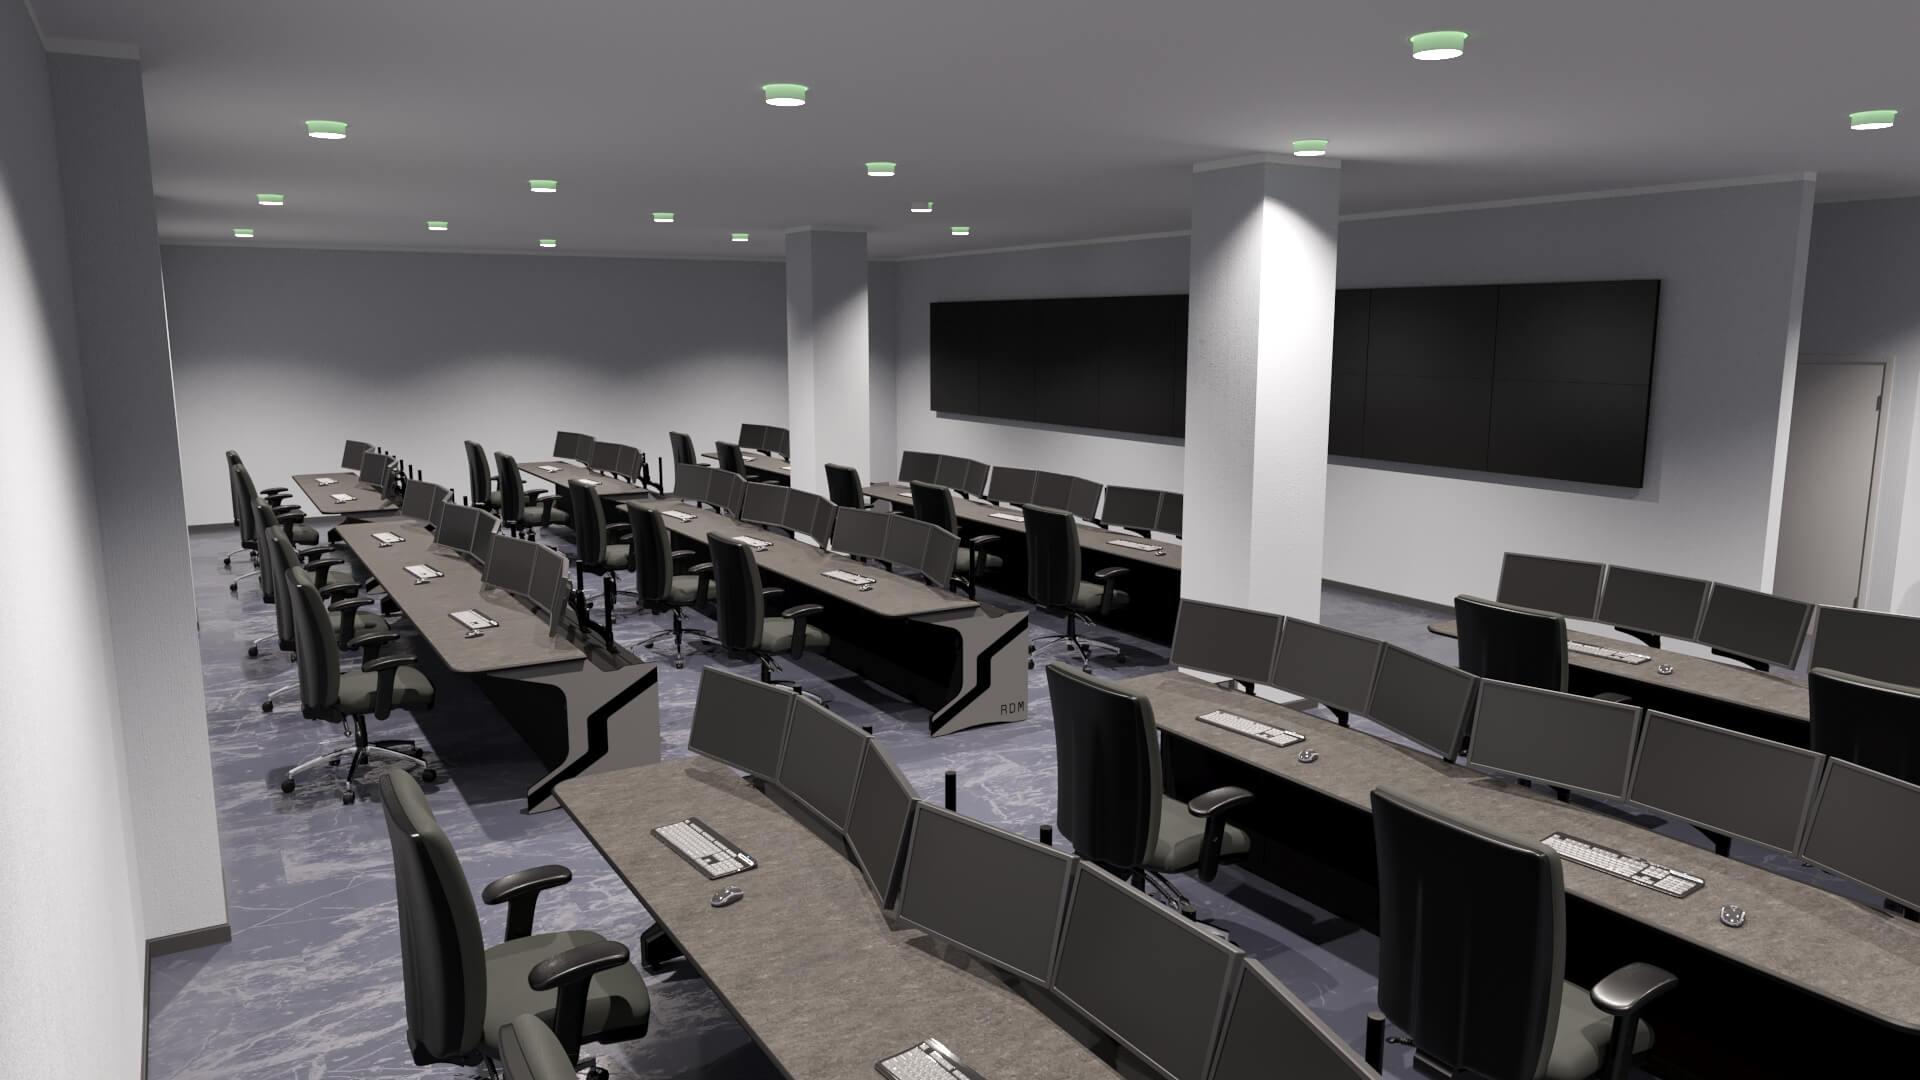 Будущее диспетчерских комнат